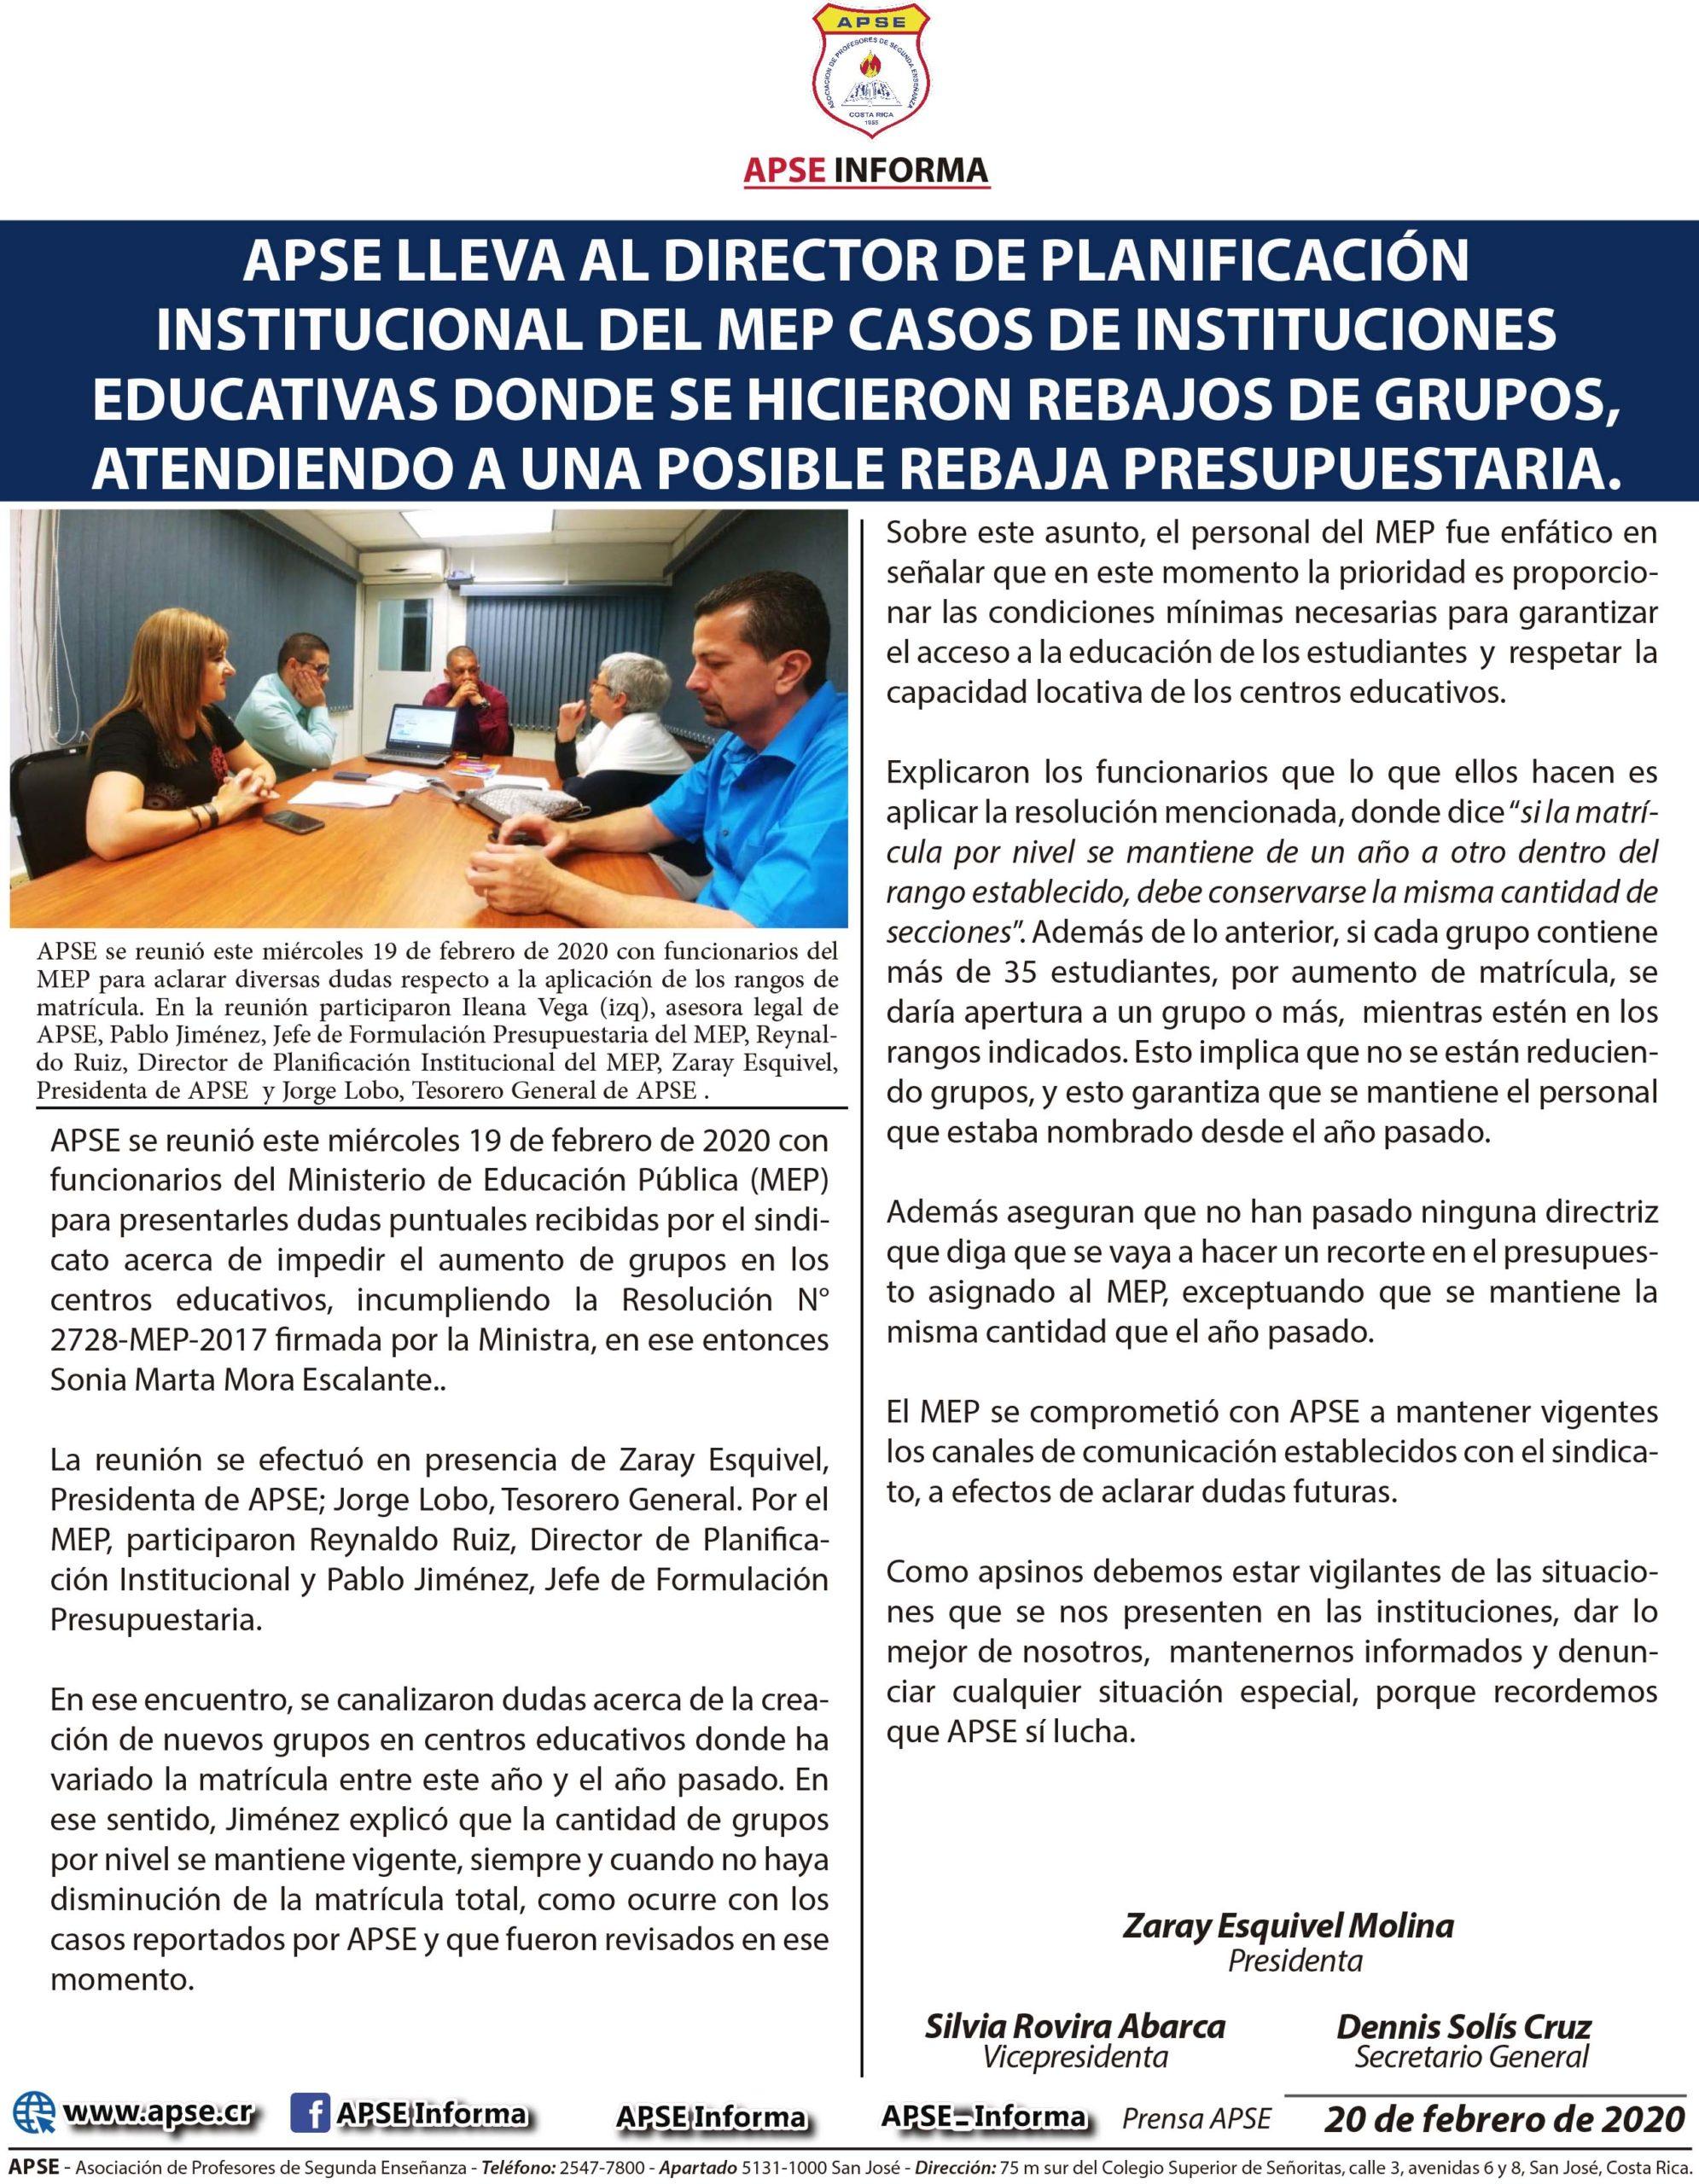 APSE LLEVA AL DIRECTOR DE PLANIFICACIÓN INSTITUCIONAL DEL MEP CASOS DE INSTITUCIONES EDUCATIVAS DONDE SE HICIERON REBAJOS DE GRUPOS, ATENDIENDO A UNA POSIBLE REBAJA PRESUPUESTARIA